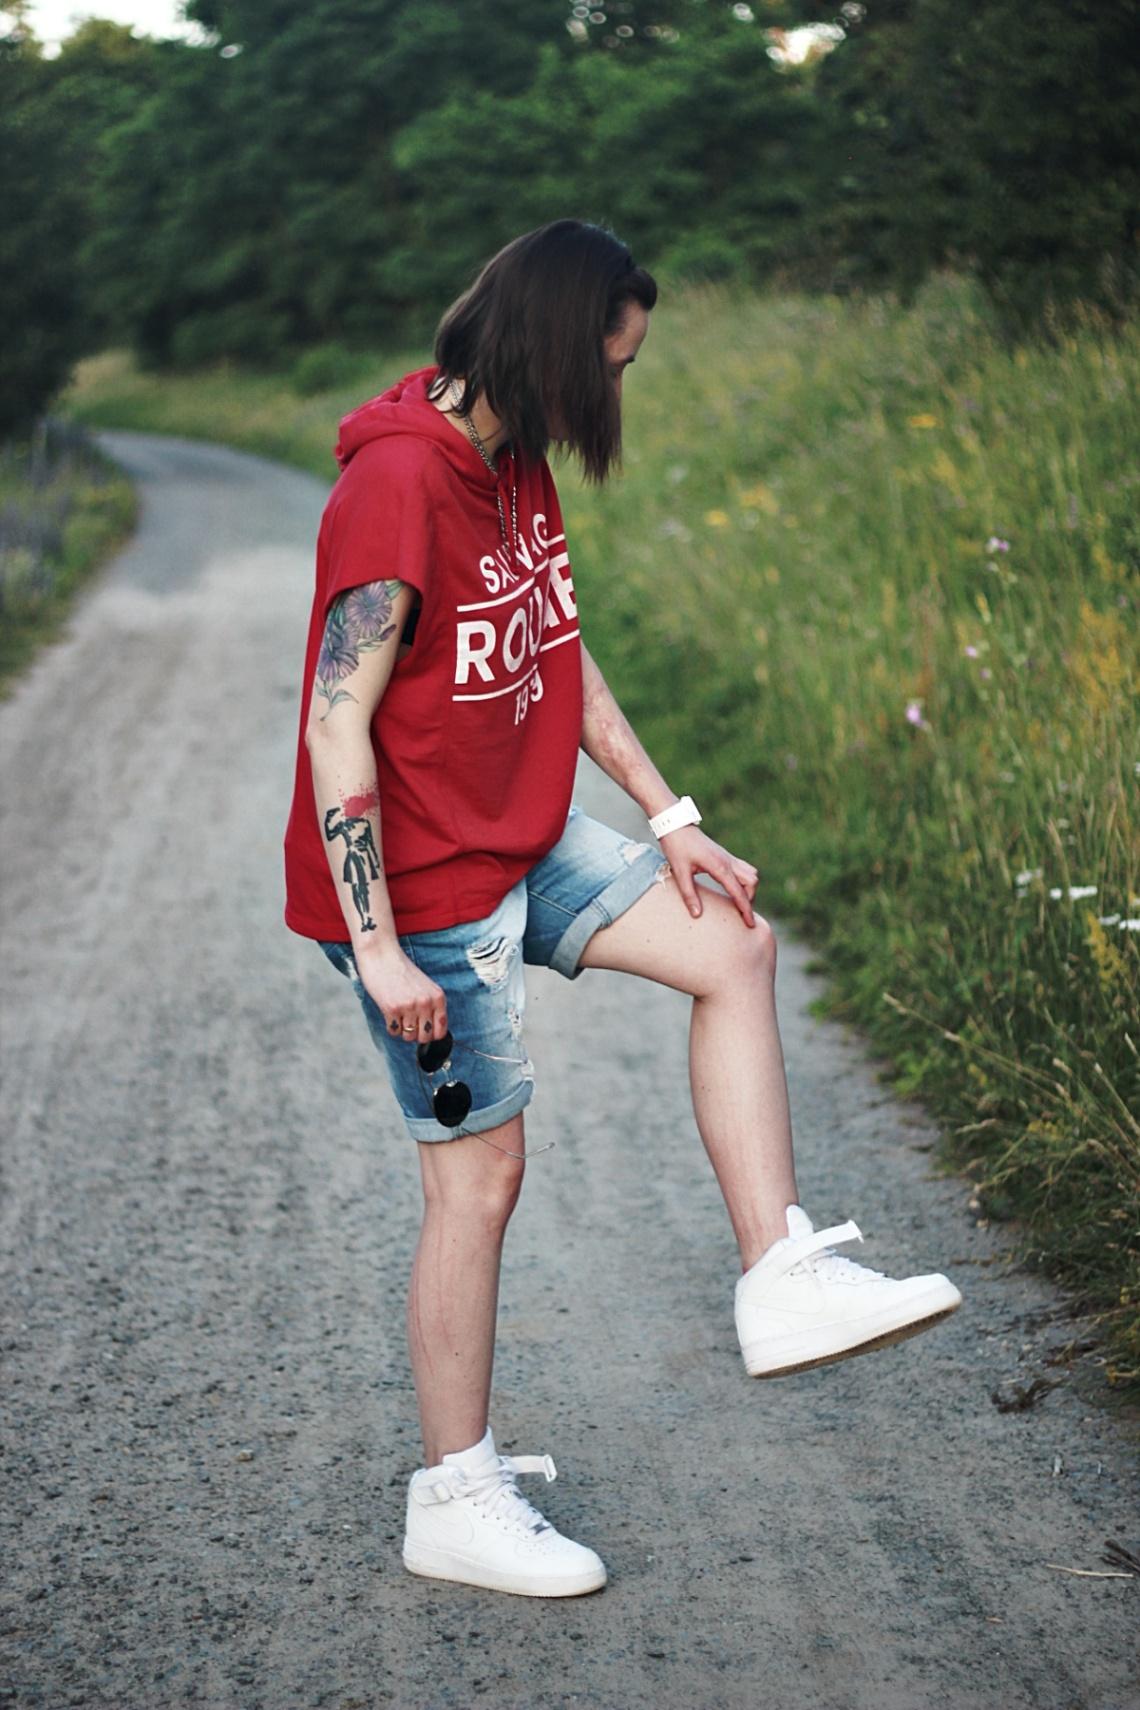 redshirt9